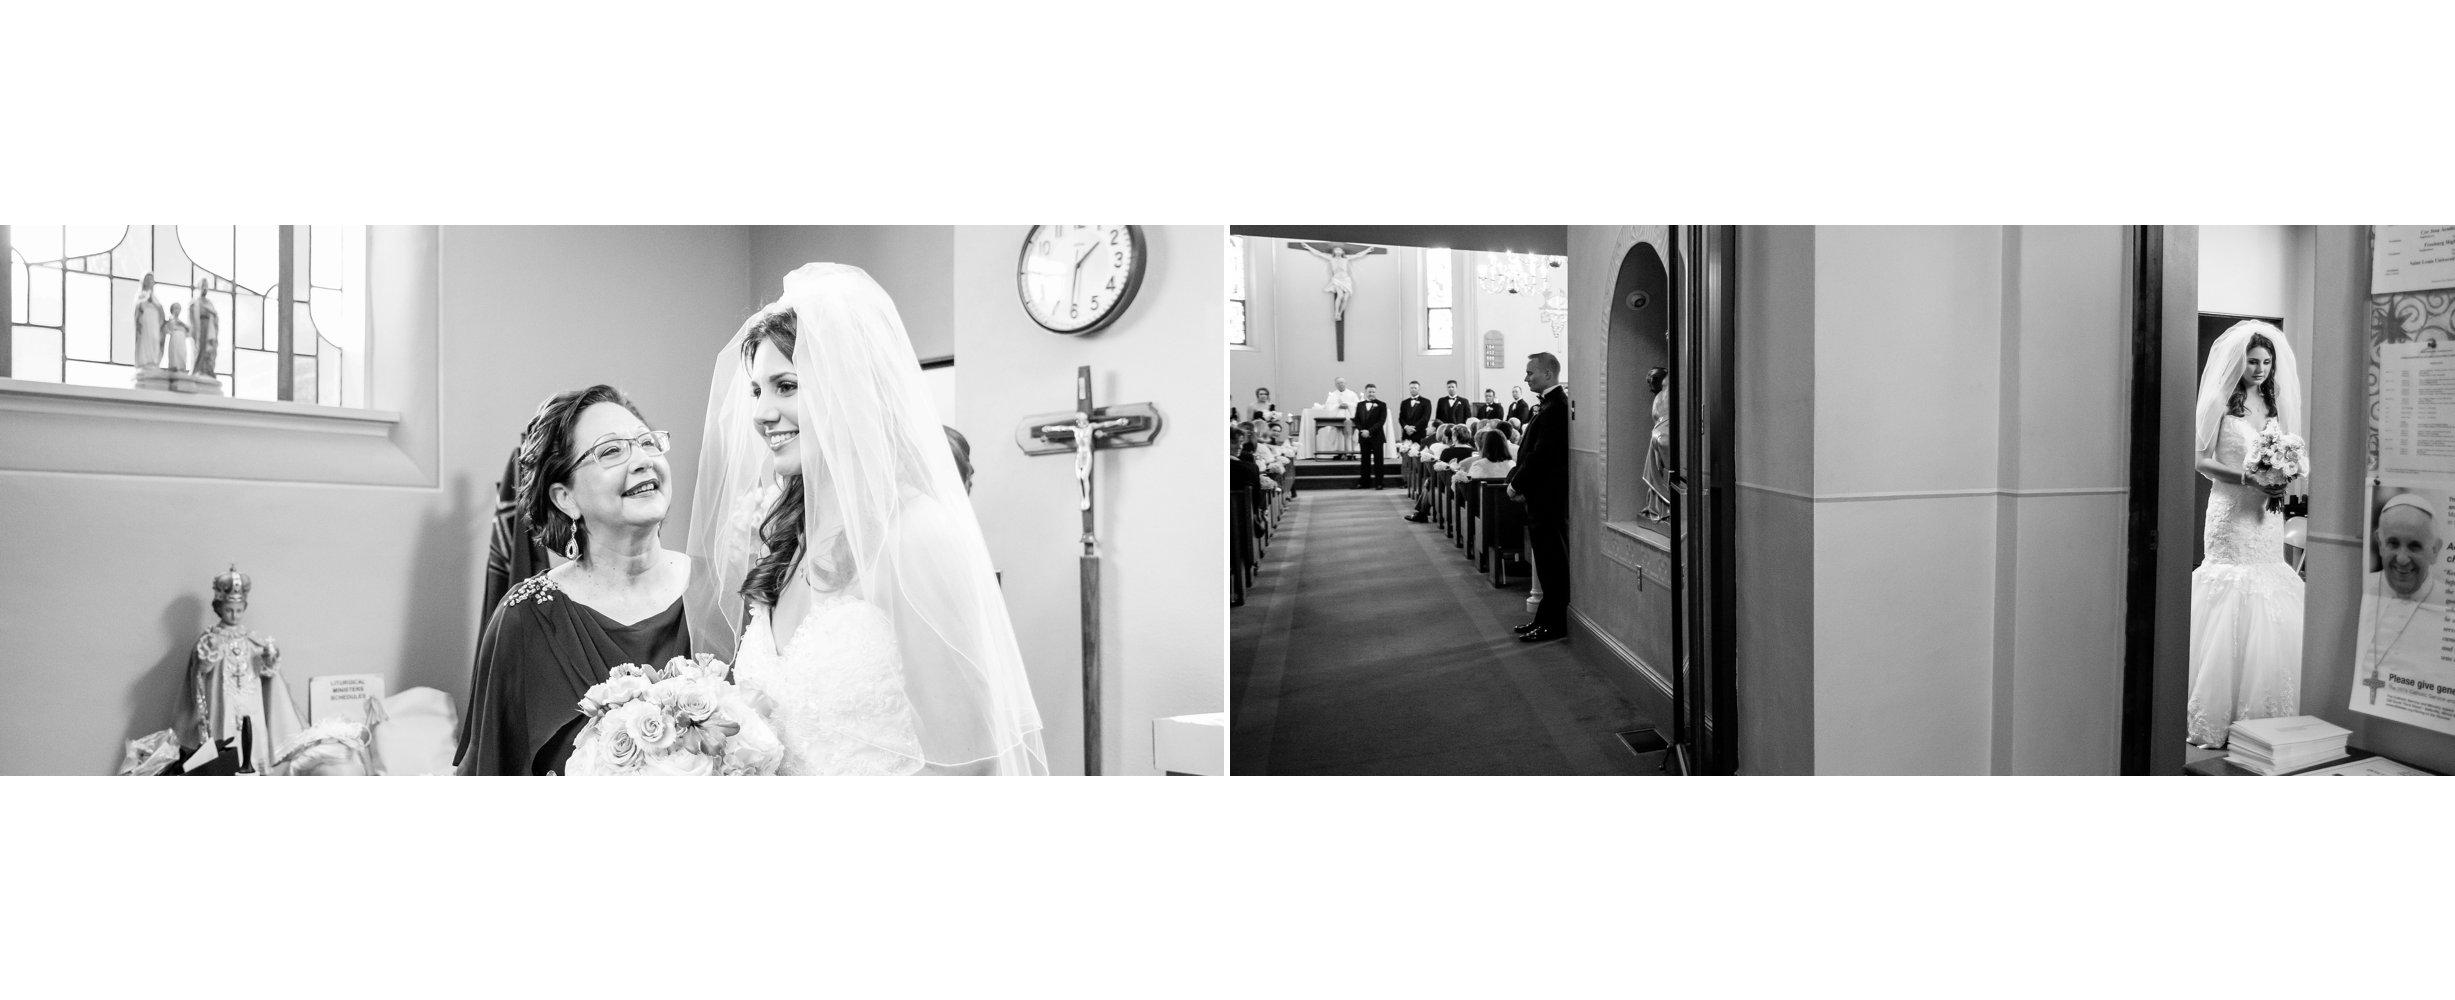 Stenzel Wedding - Orsa Parent Album